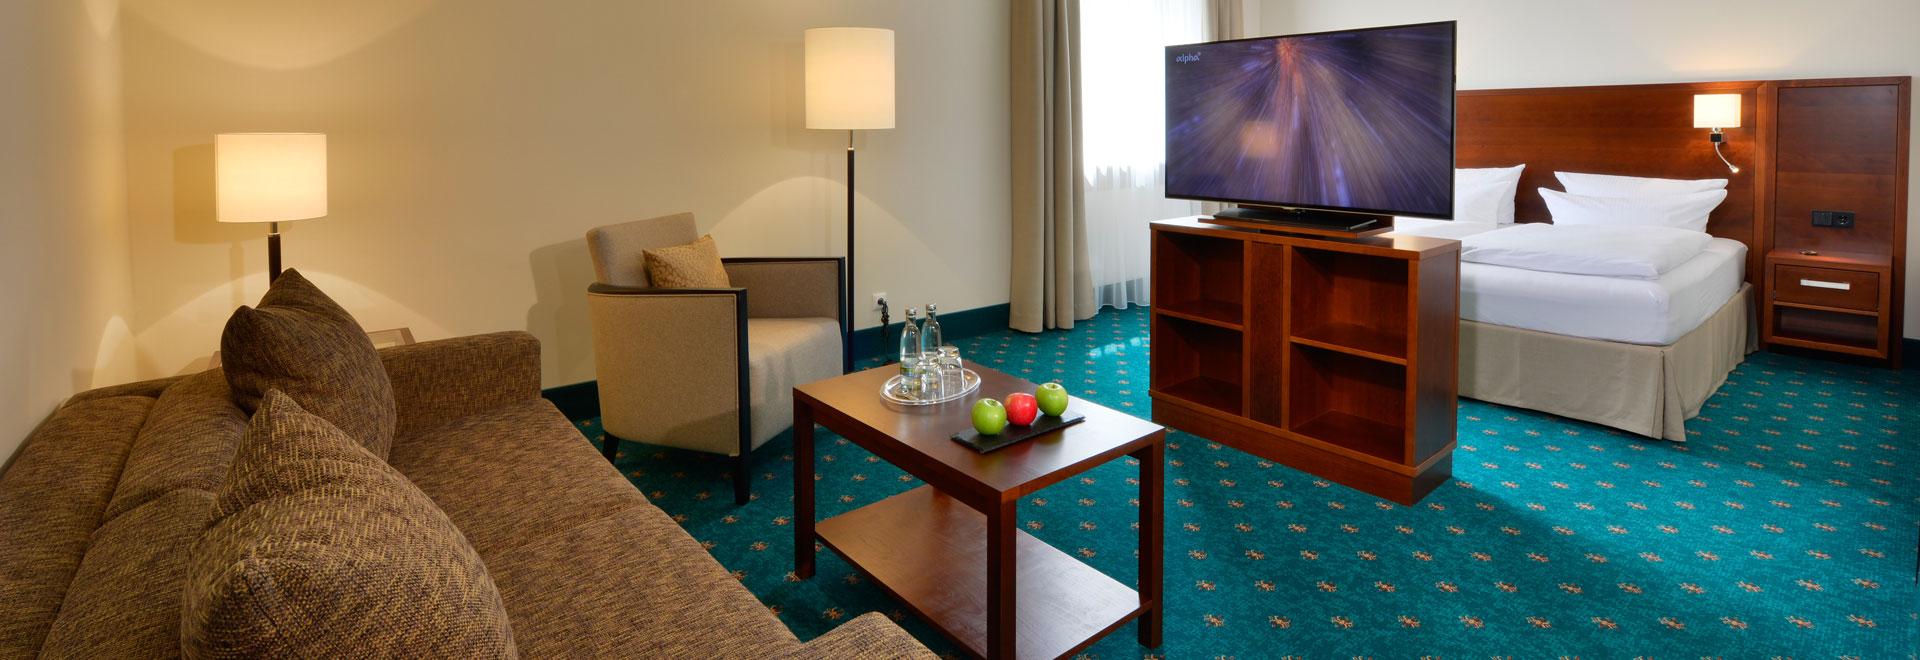 Übernachtung im Hotel Der Lindenhof Gotha